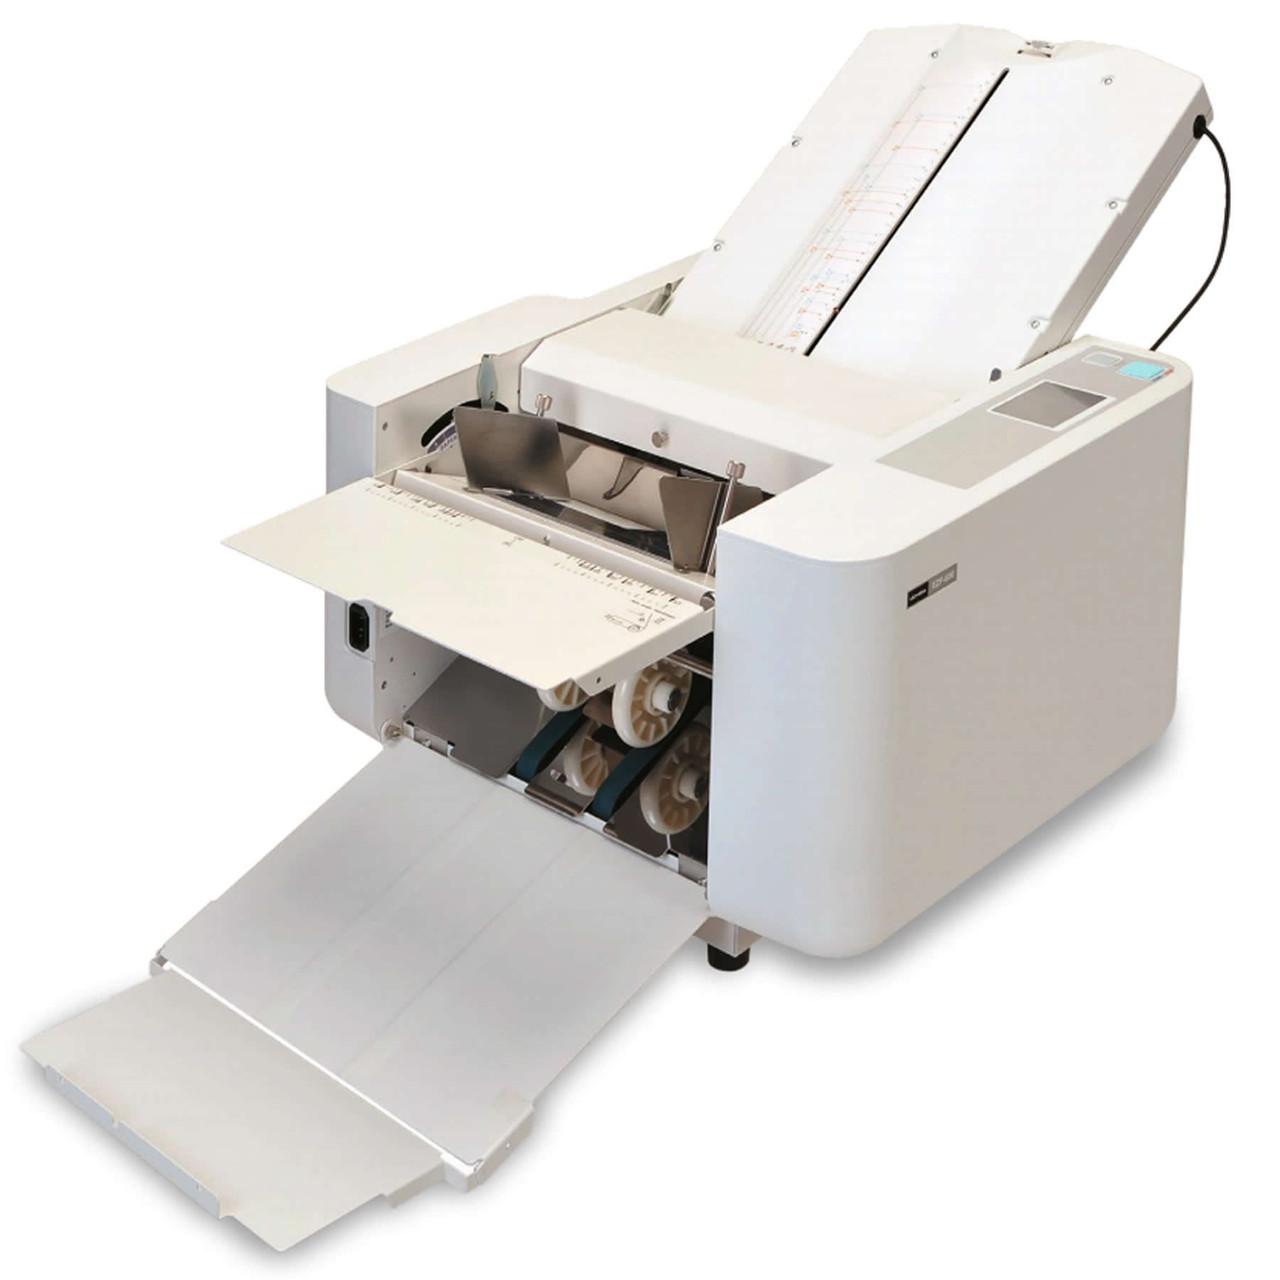 Superfax PF-460 - Automatic A3 A4 A5 Paper Folding Machine